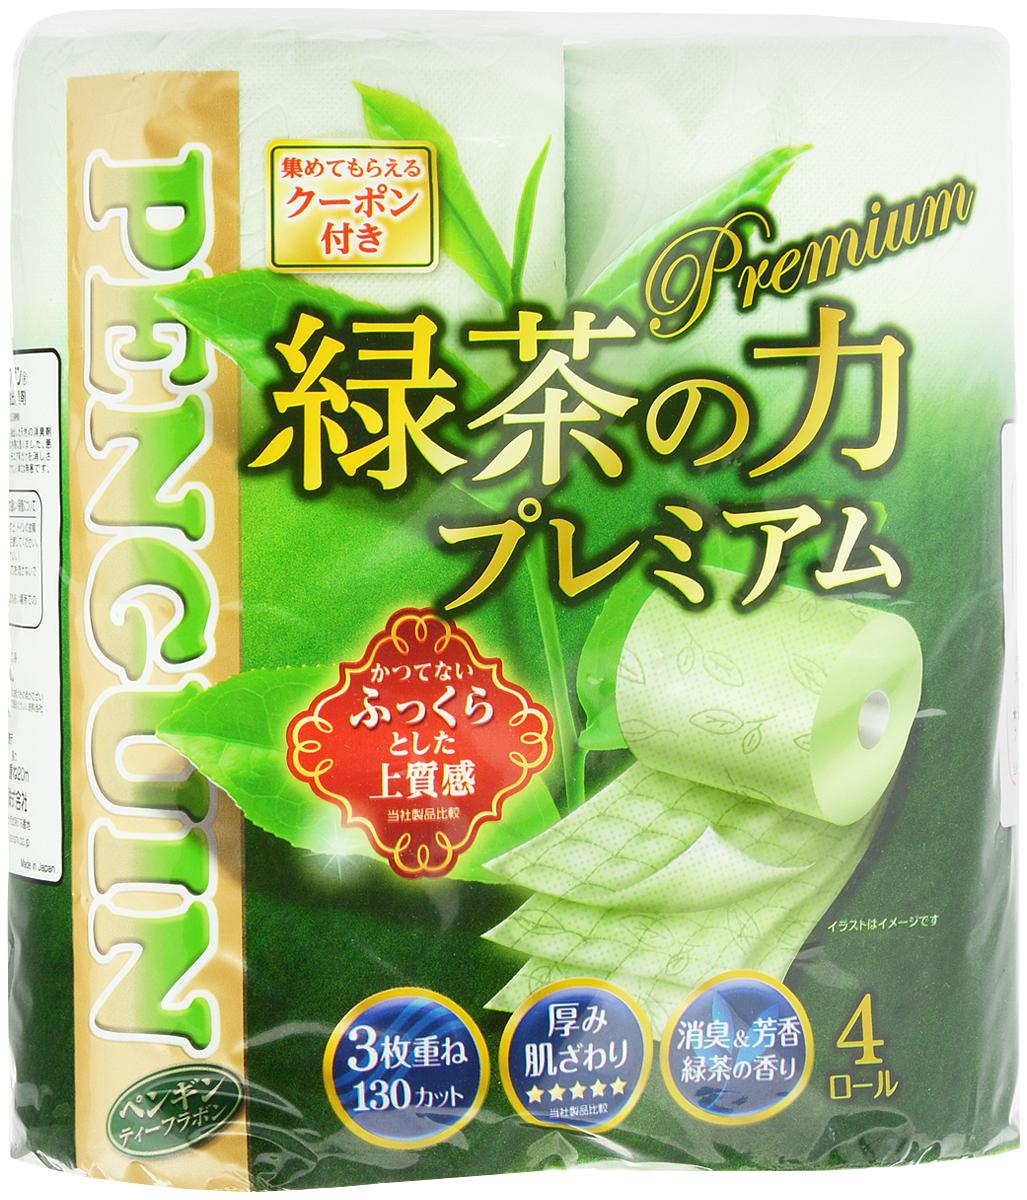 Бумага туалетная Marutomi Зеленый чай. Премиум, трехслойная, 4 рулона4902727008276Трехслойная туалетная бумага Marutomi Зеленый чай. Премиум изготовлена из вторичного сырья (переработанной бумаги) и целлюлозы, имеет приятный запах зеленого чая. Мягкая, нежная, но в тоже время прочная, бумага не расслаивается и отрывается строго по линии перфорации. Количество рулонов: 4 шт. Длина одного рулона: 20 м.